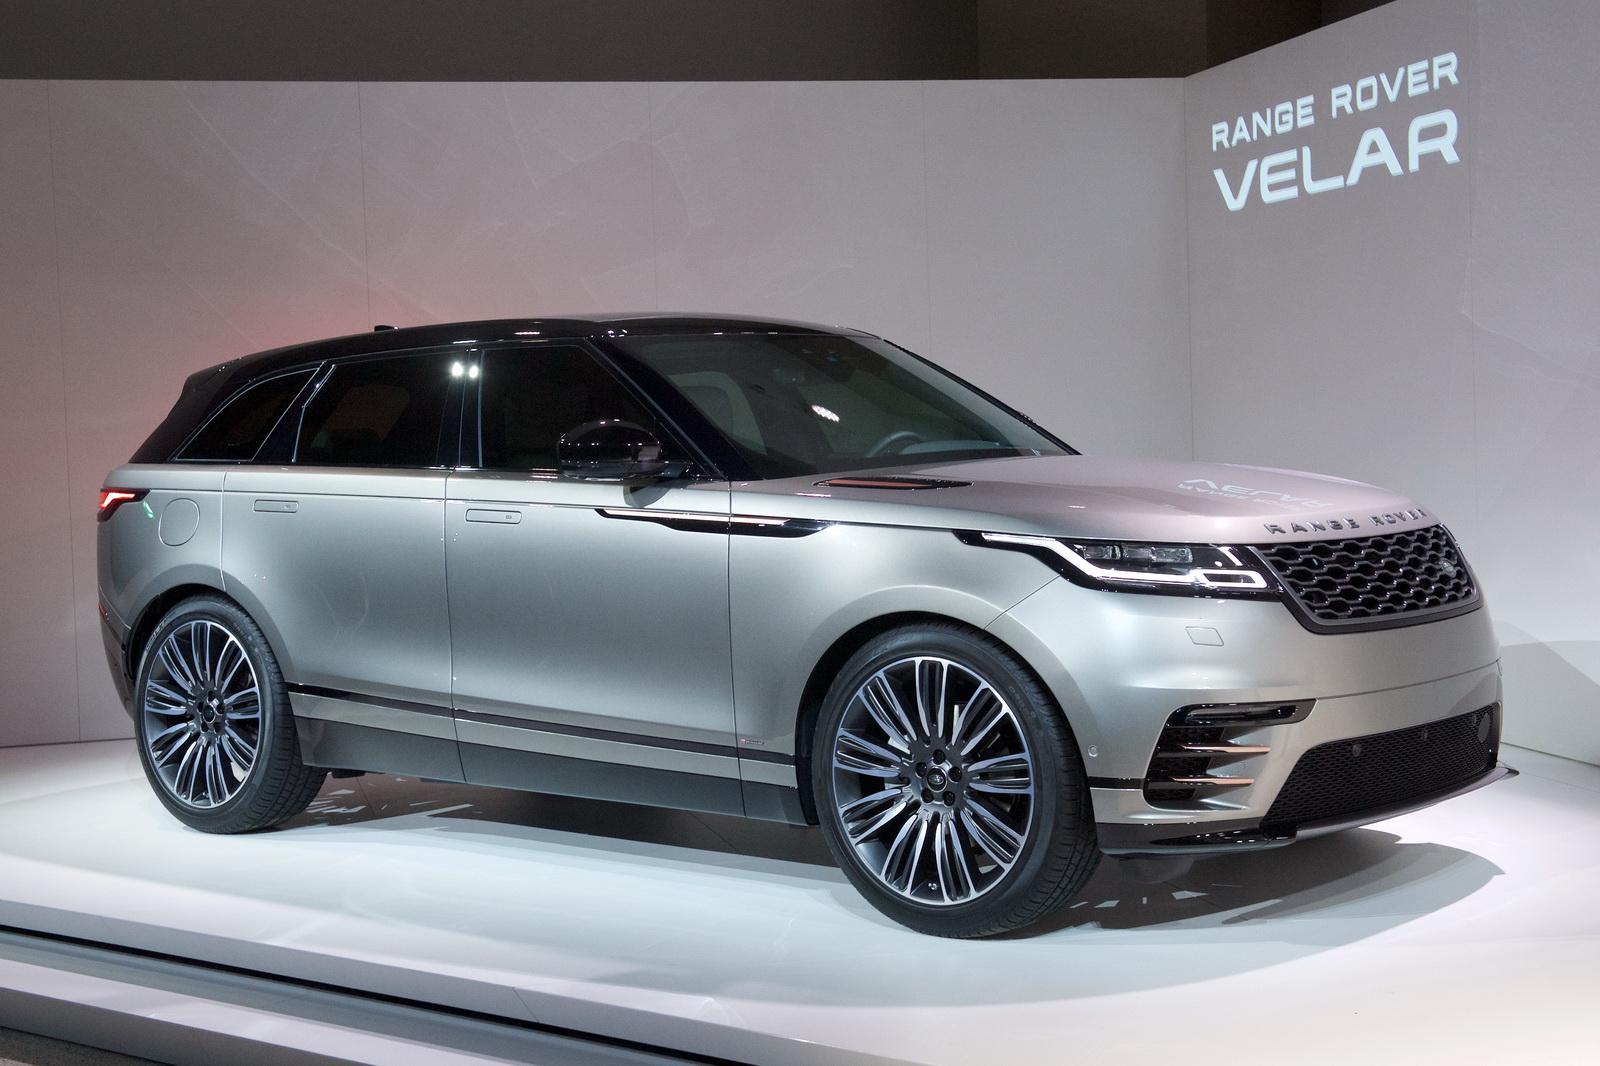 Range Rover Velar in Geneva 2017 (6)